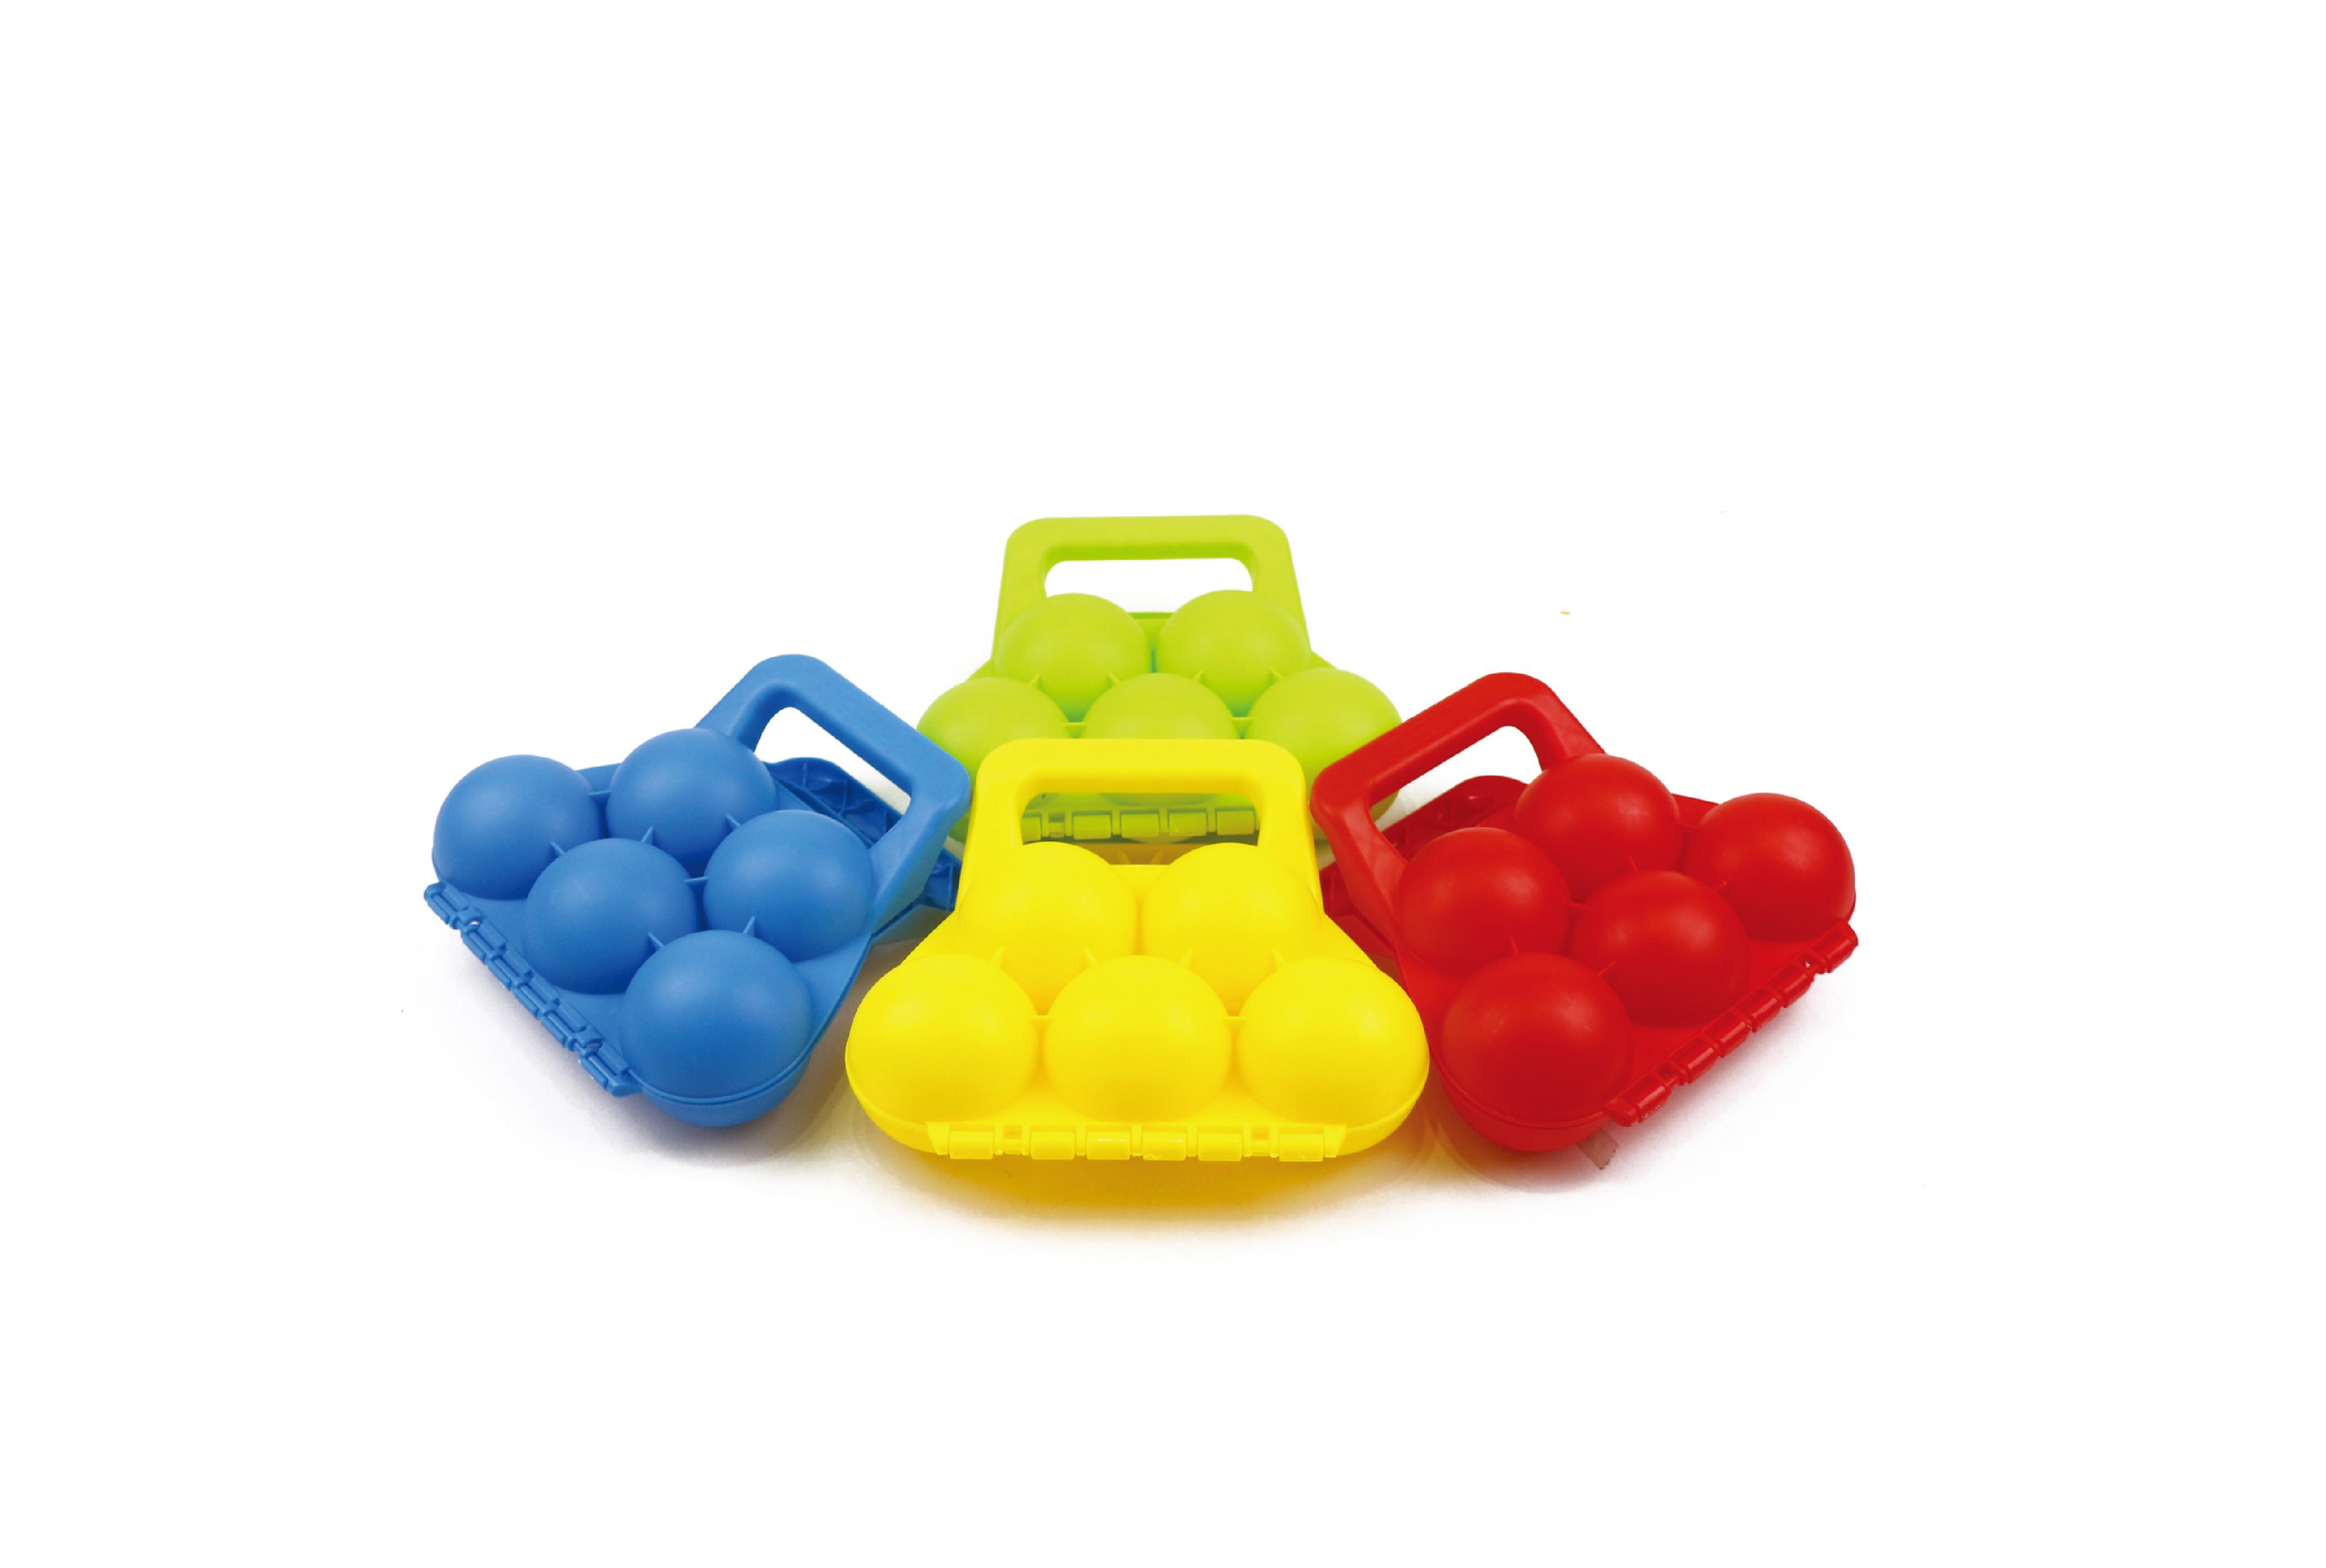 Игрушки для снега 1toy 5 ячеек 1toy формочка для лепки снежков 1toy пингвин